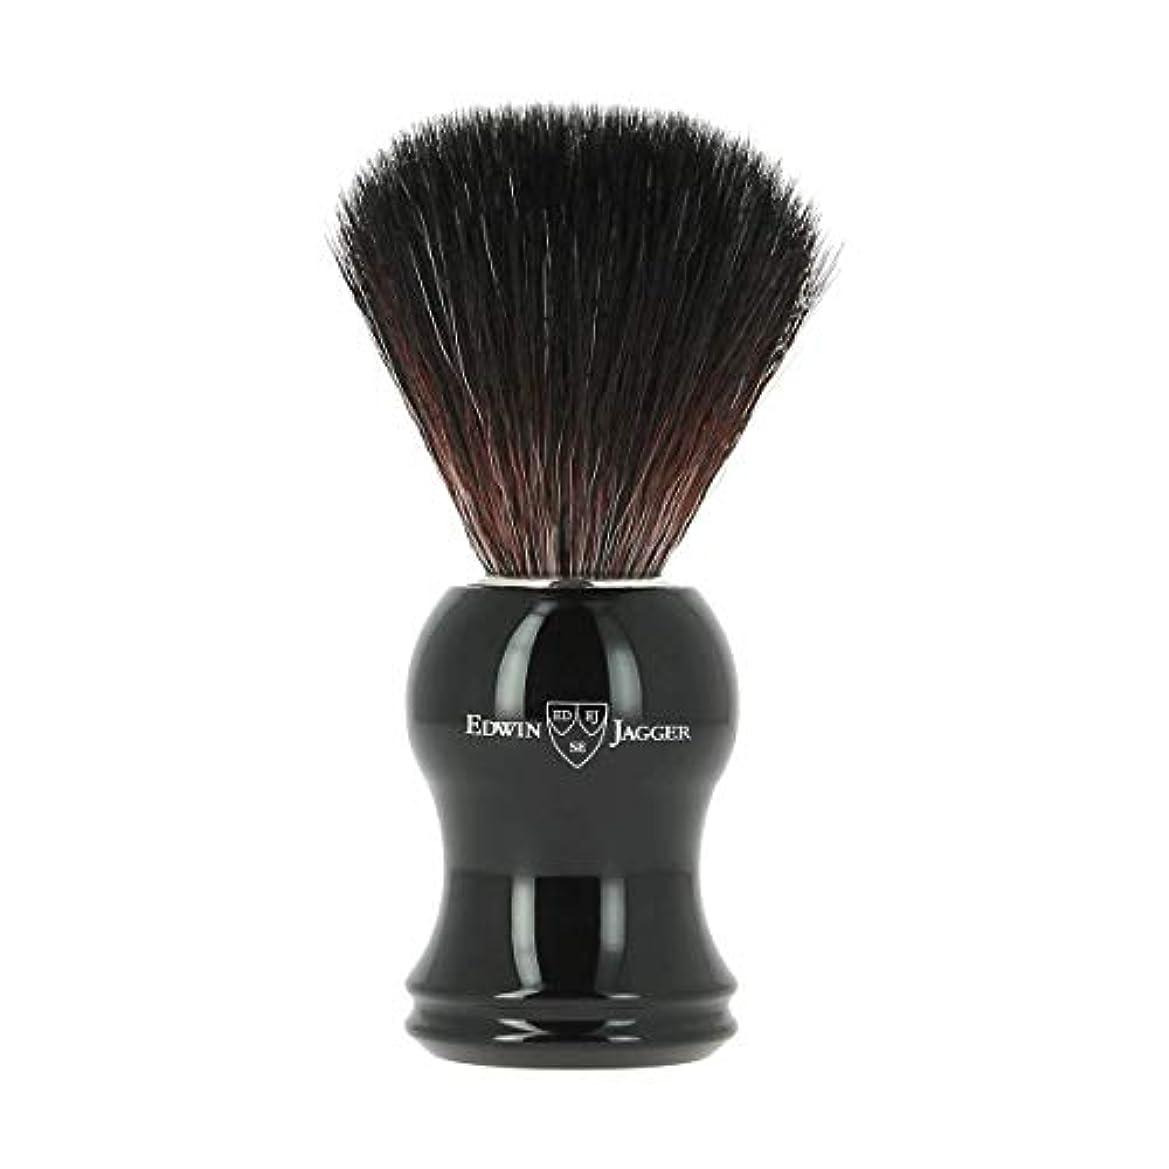 強化頼むショルダーエドウィンジャガー エボニー 合成 シェービングブラシ21P36[海外直送品]Edwin Jagger Ebony Synthetic Shaving Brush 21P36 [並行輸入品]